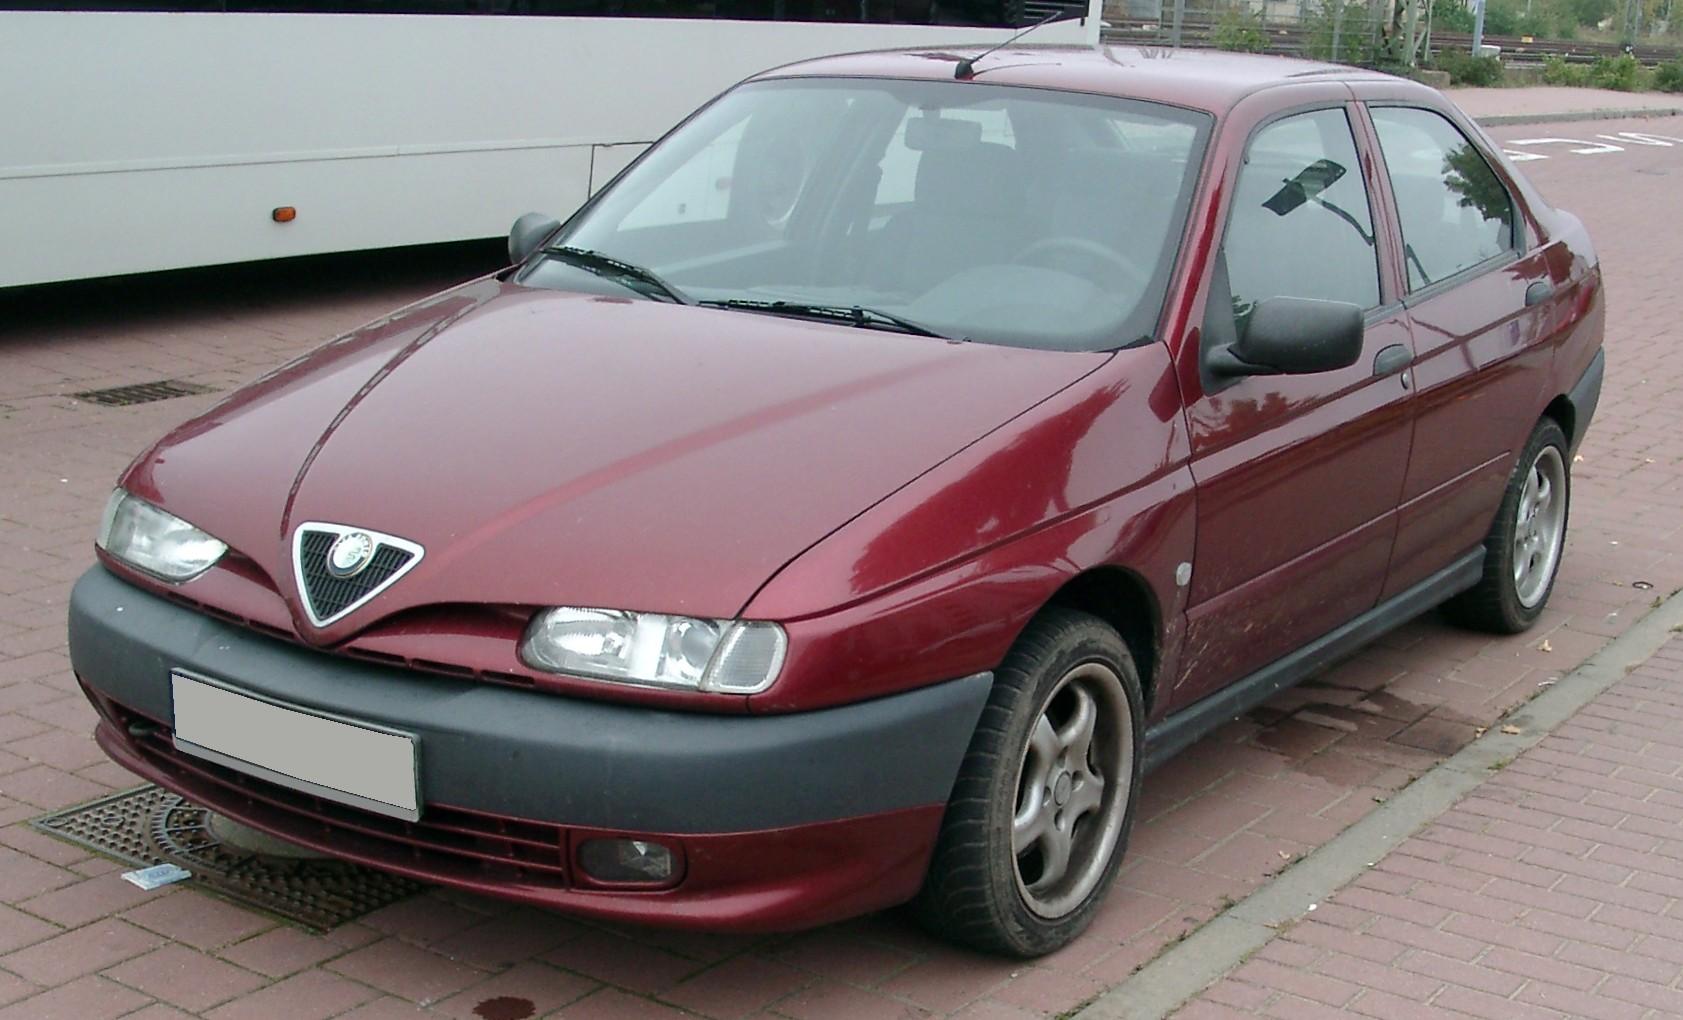 File:Alfa 146 front 20071012.jpg